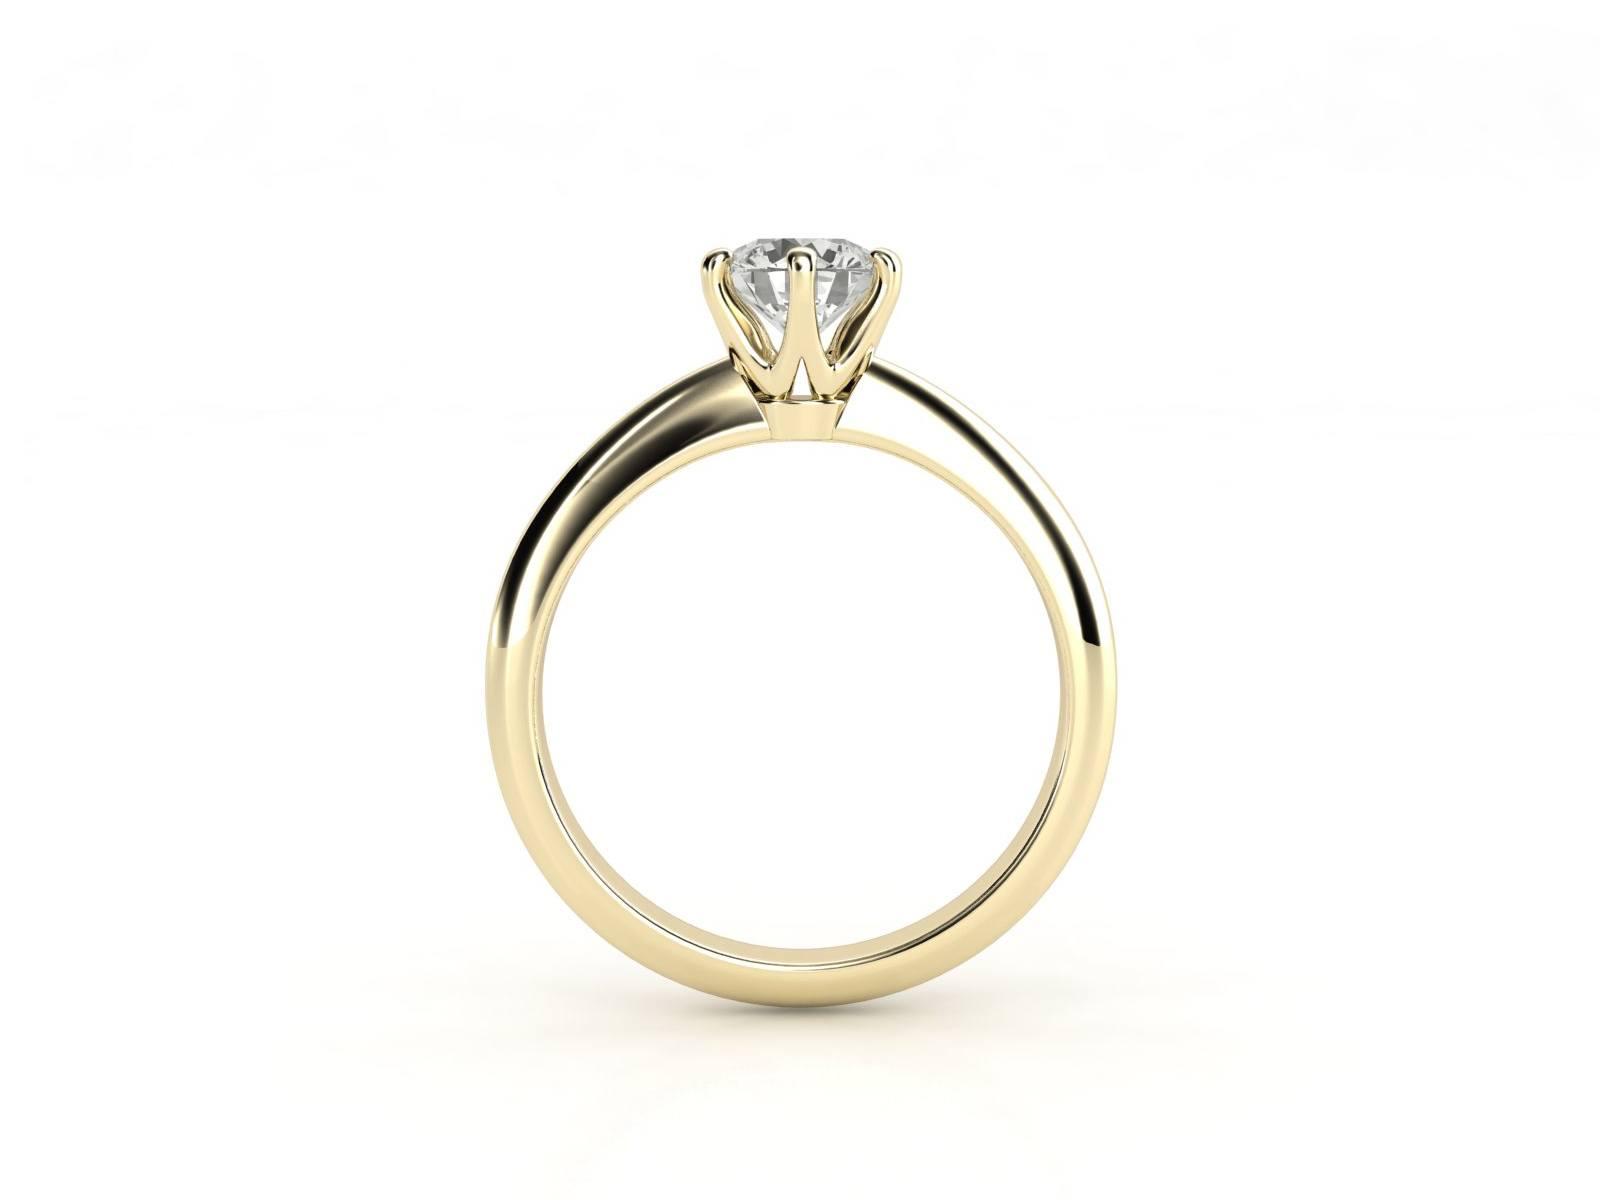 טבעת אירוסין זהב צהוב סוליטר קלאסית עם יהלום מרכזי 0.41 קראט 2